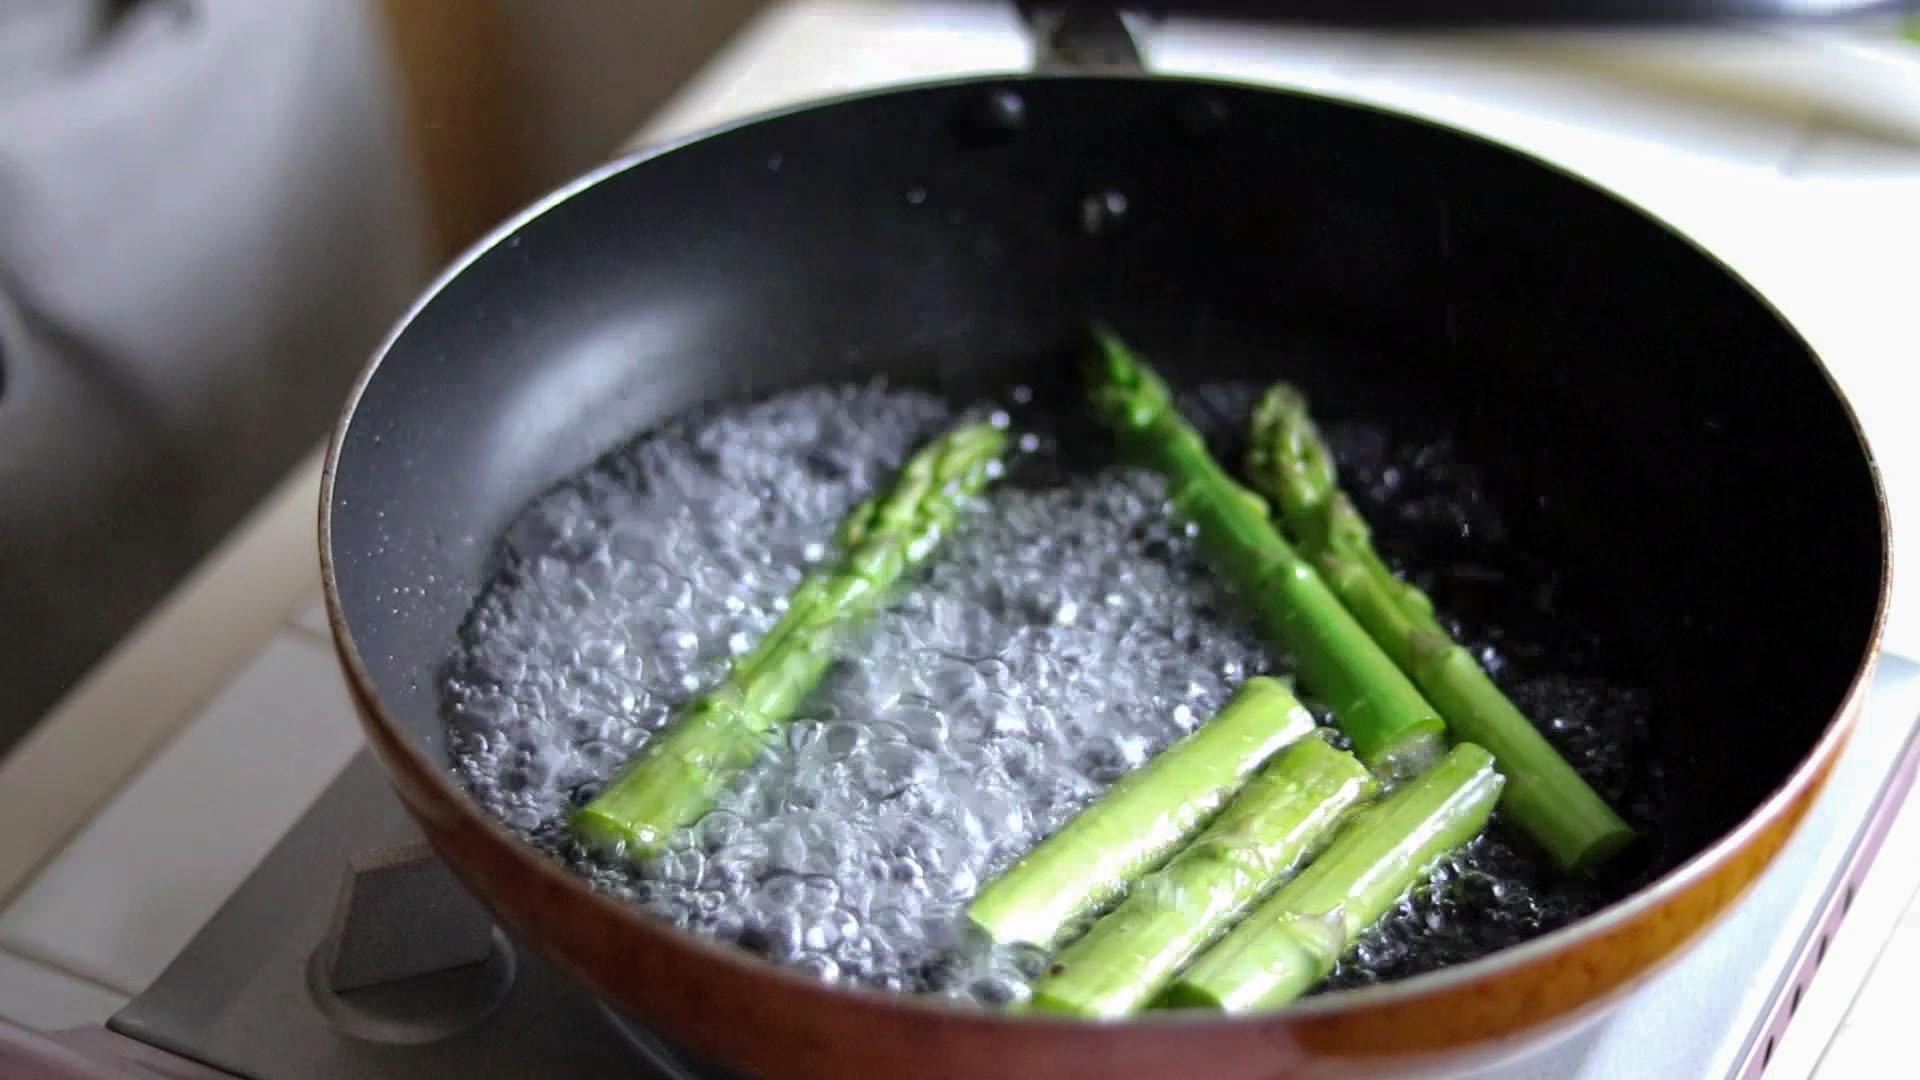 アスパラガスに熱湯を注ぐ